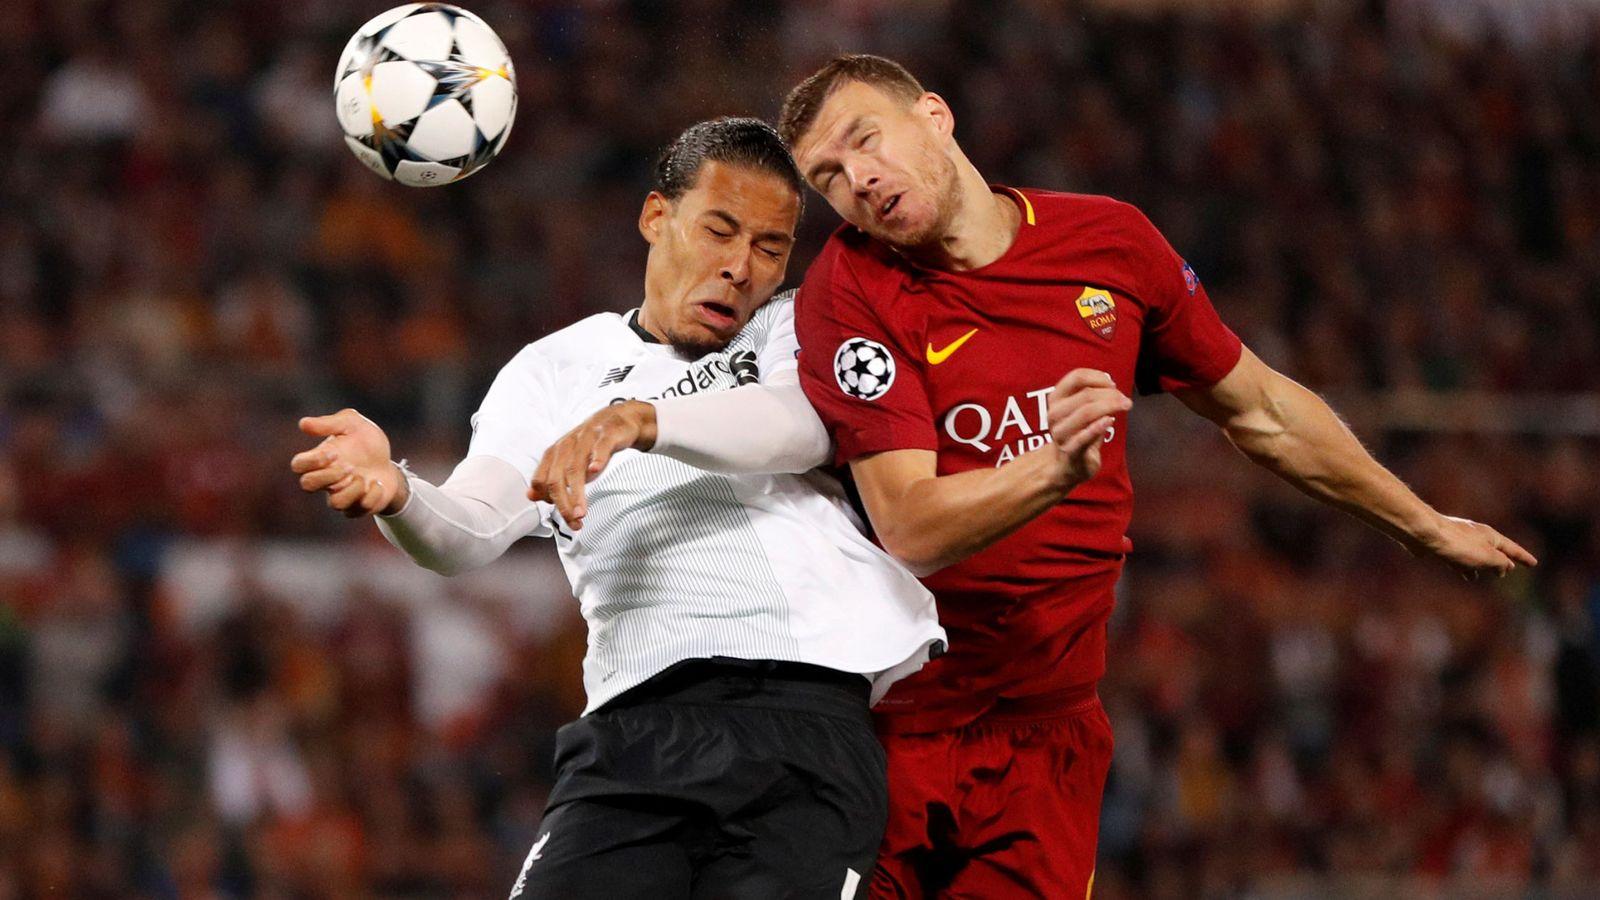 Foto: Imagen de un reciente partido de la Champions League entre la Roma y el Liverpool. (Reuters)